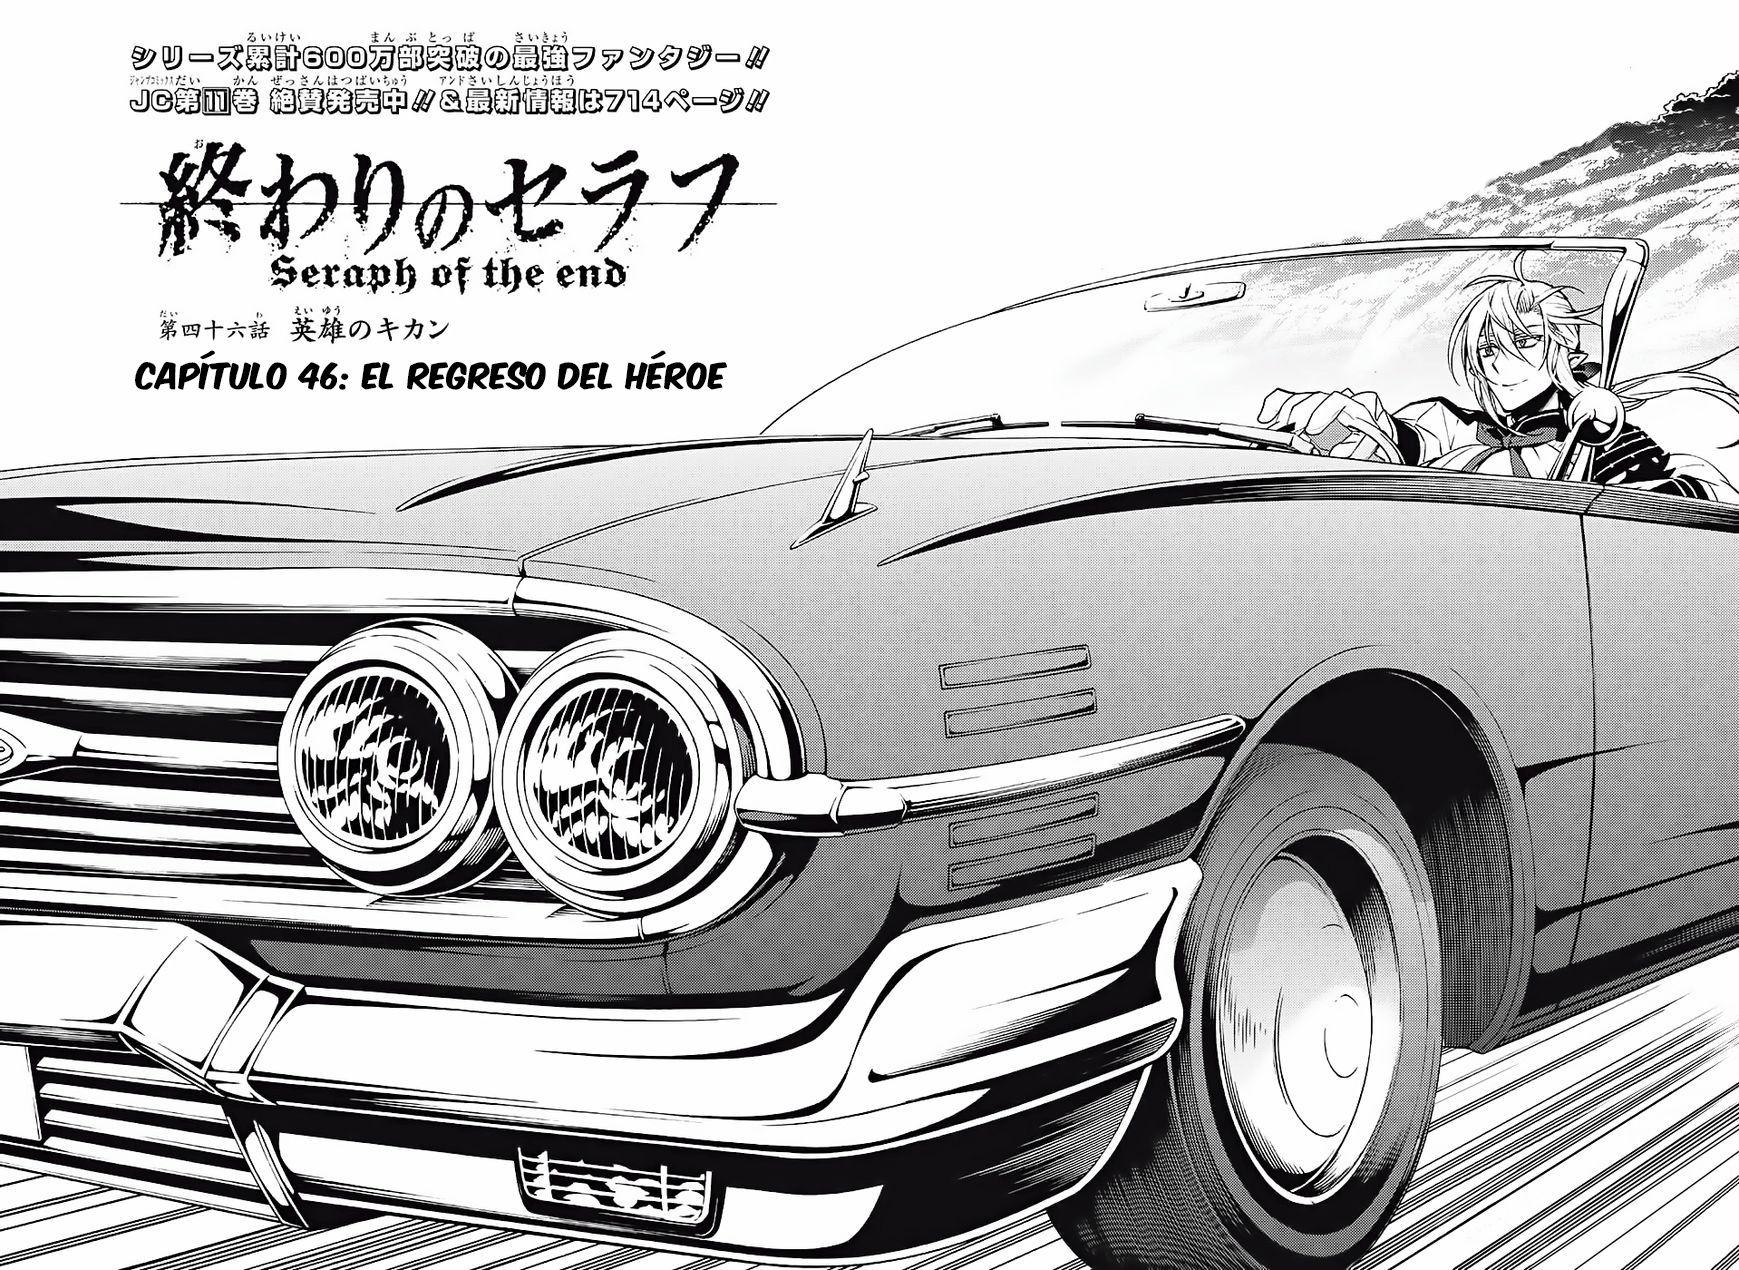 http://c5.ninemanga.com/es_manga/49/3057/477246/babbb9b8ef0b89664219225840608850.jpg Page 4